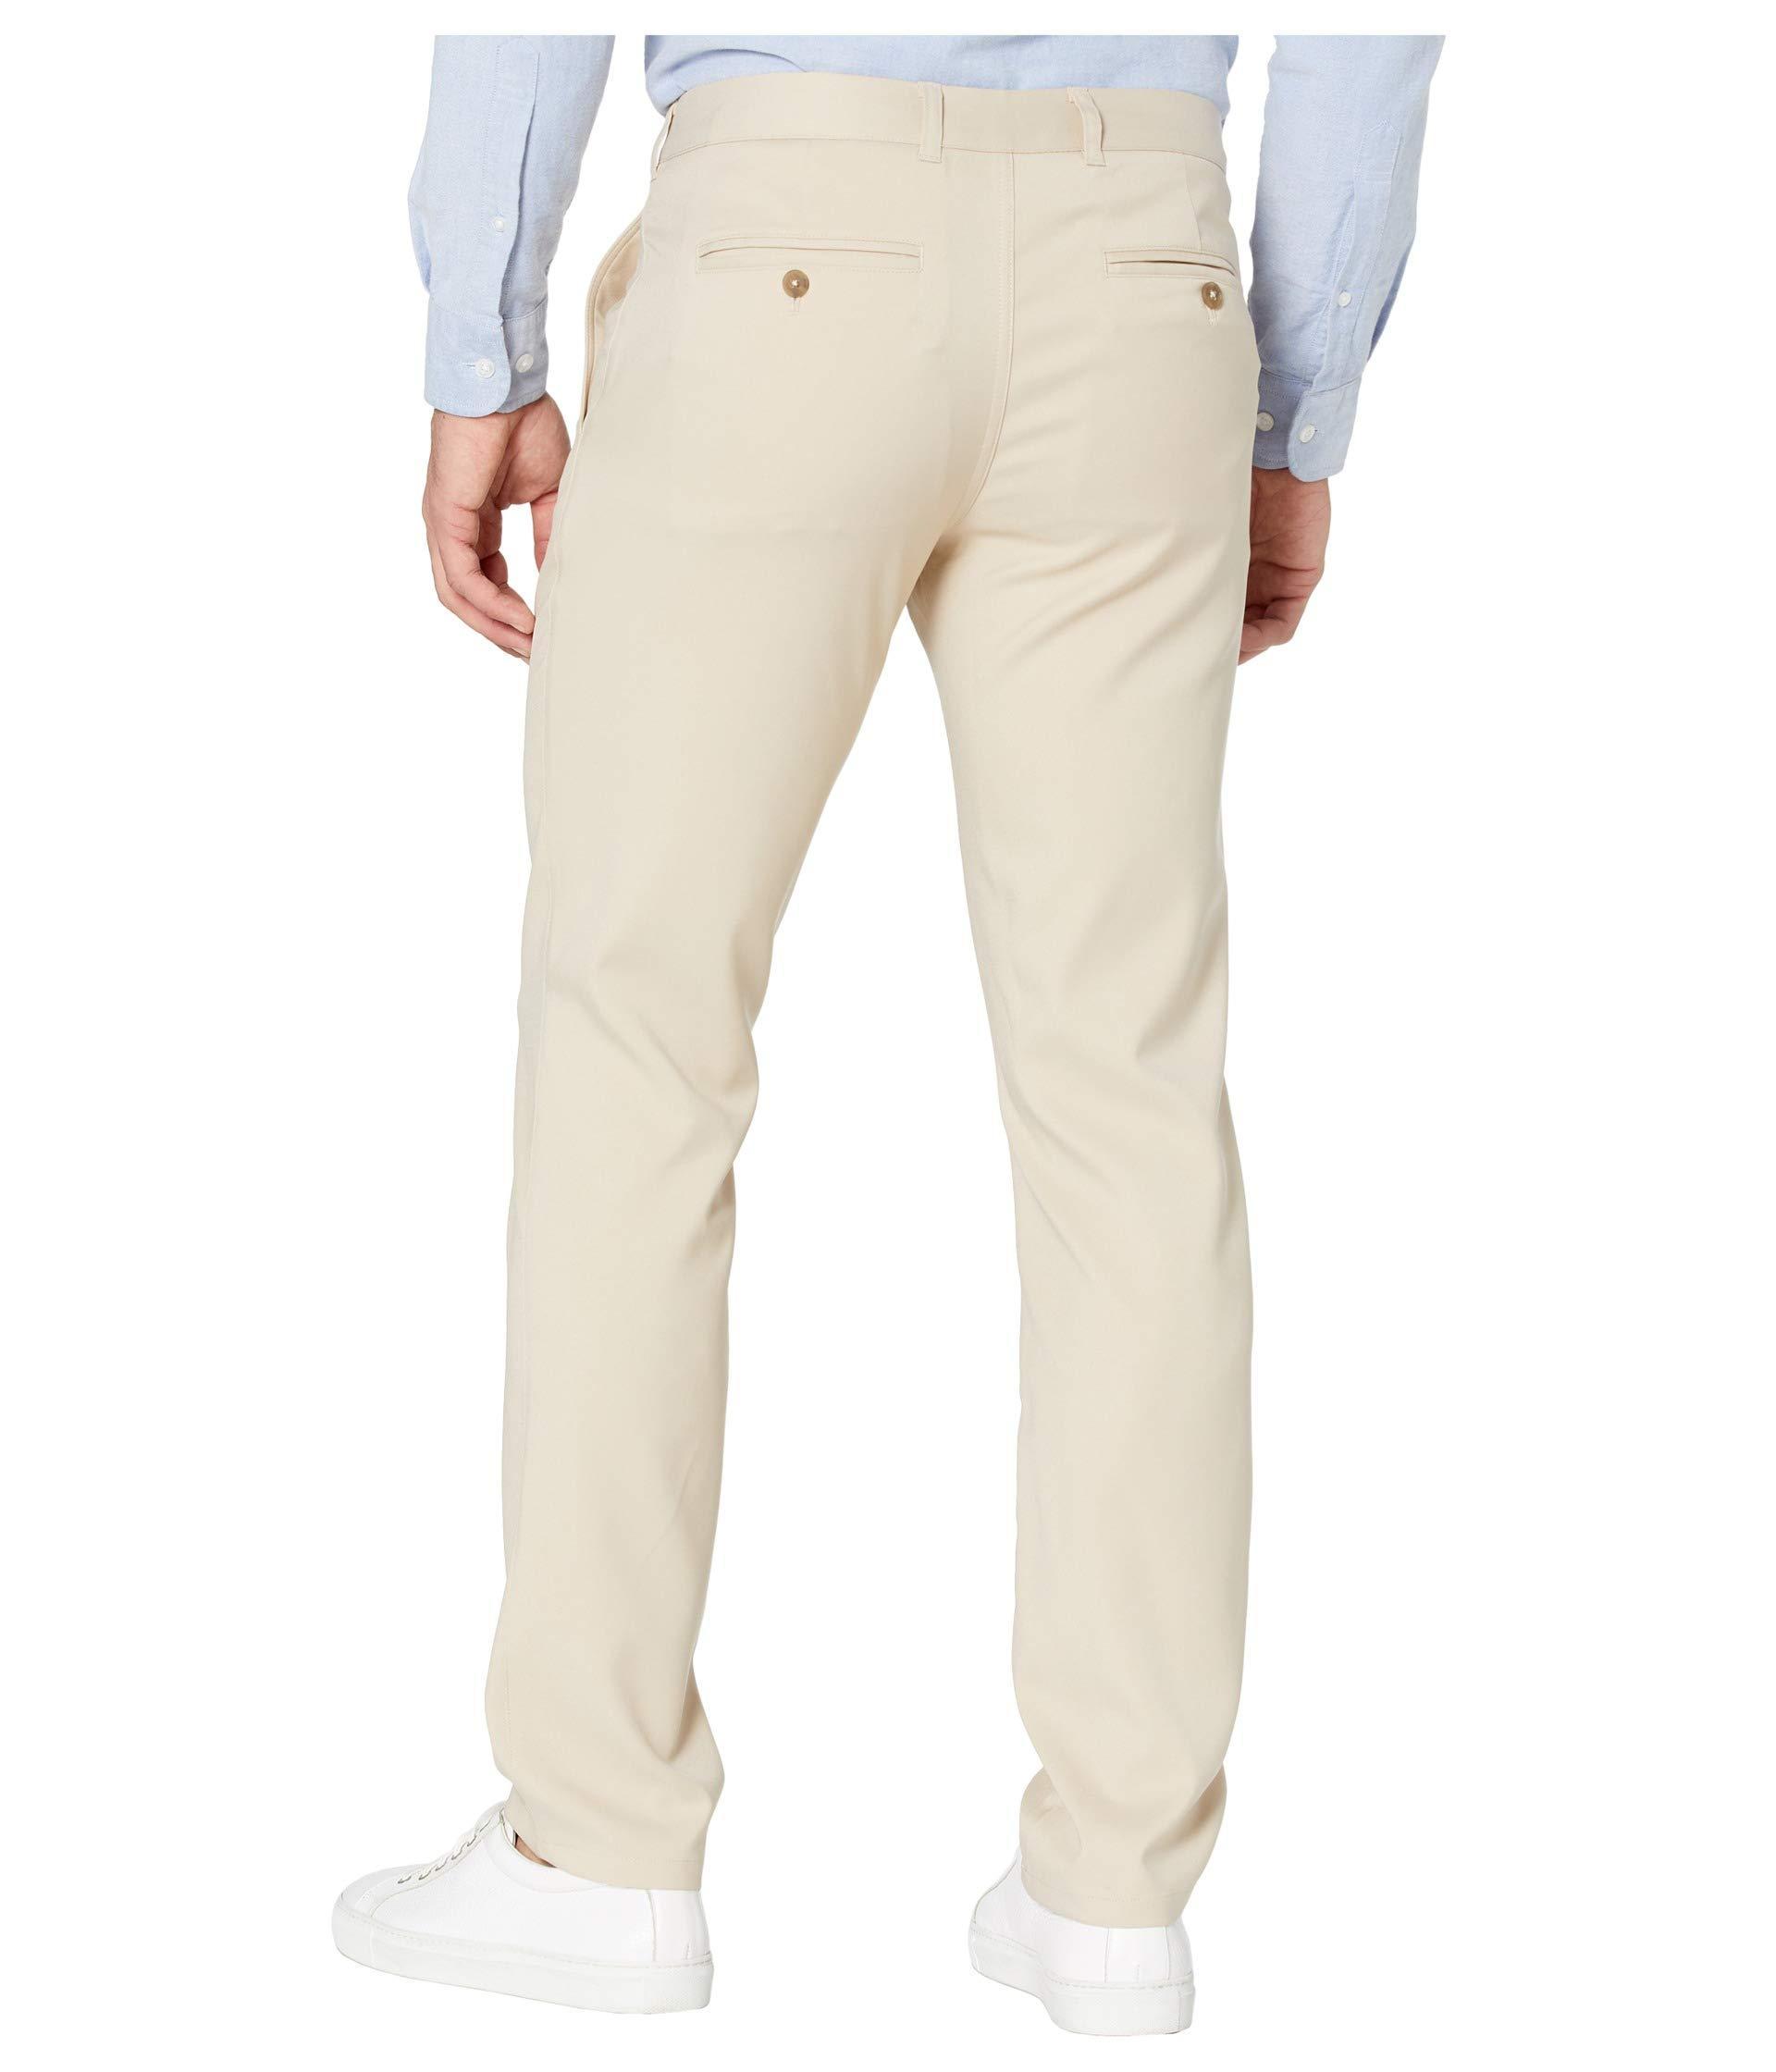 Main Baron Performance Chino Pants Trim Size Mizzen